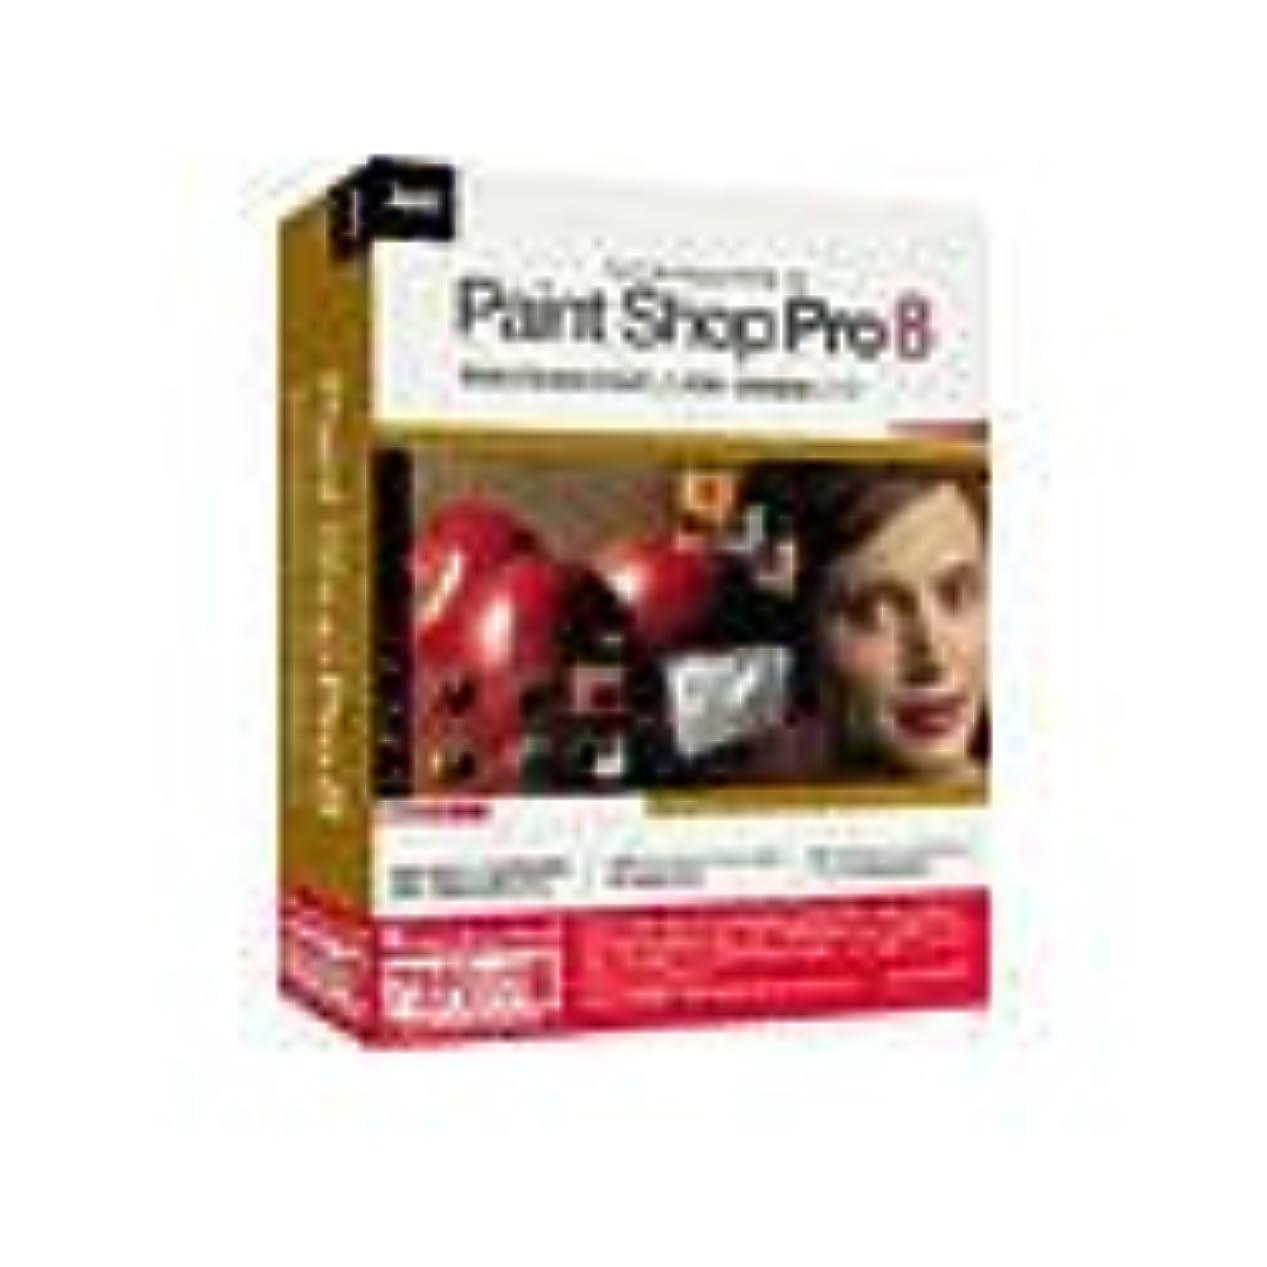 Paint Shop Pro 8 アカデミック版